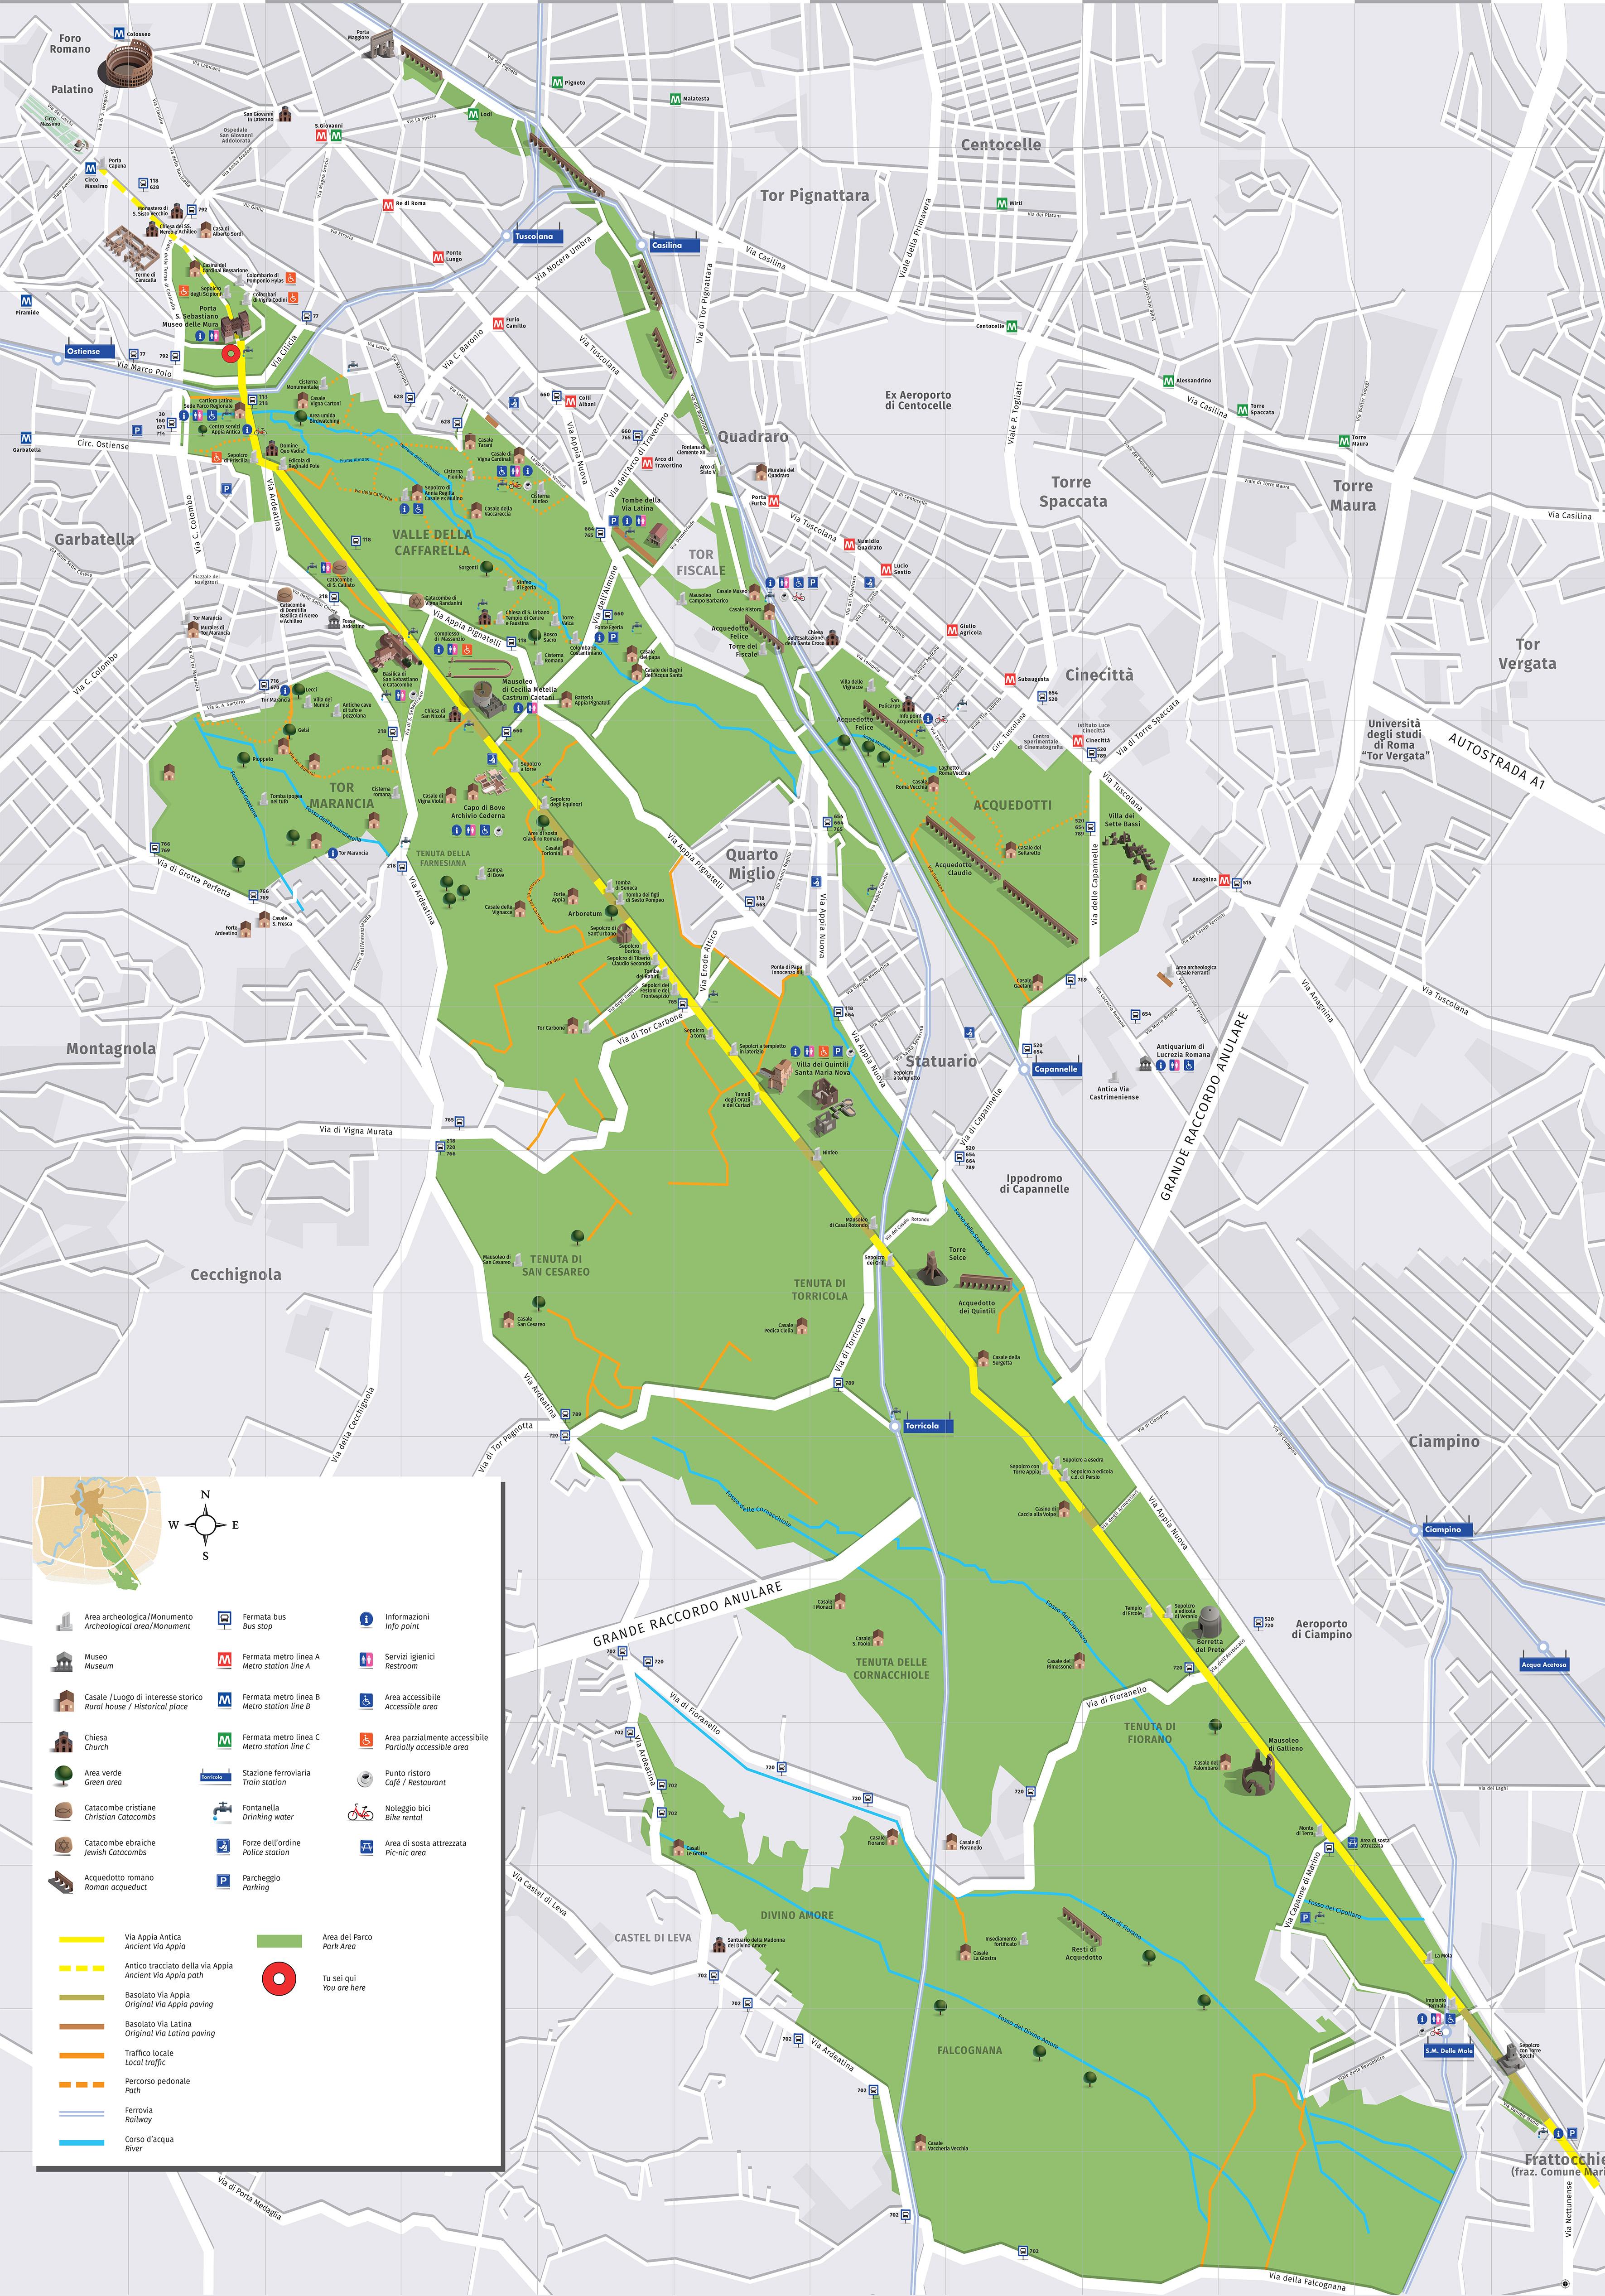 Cartina Antica Roma.Downloads Sito Ufficiale Parco Archeologico Dell Appia Antica